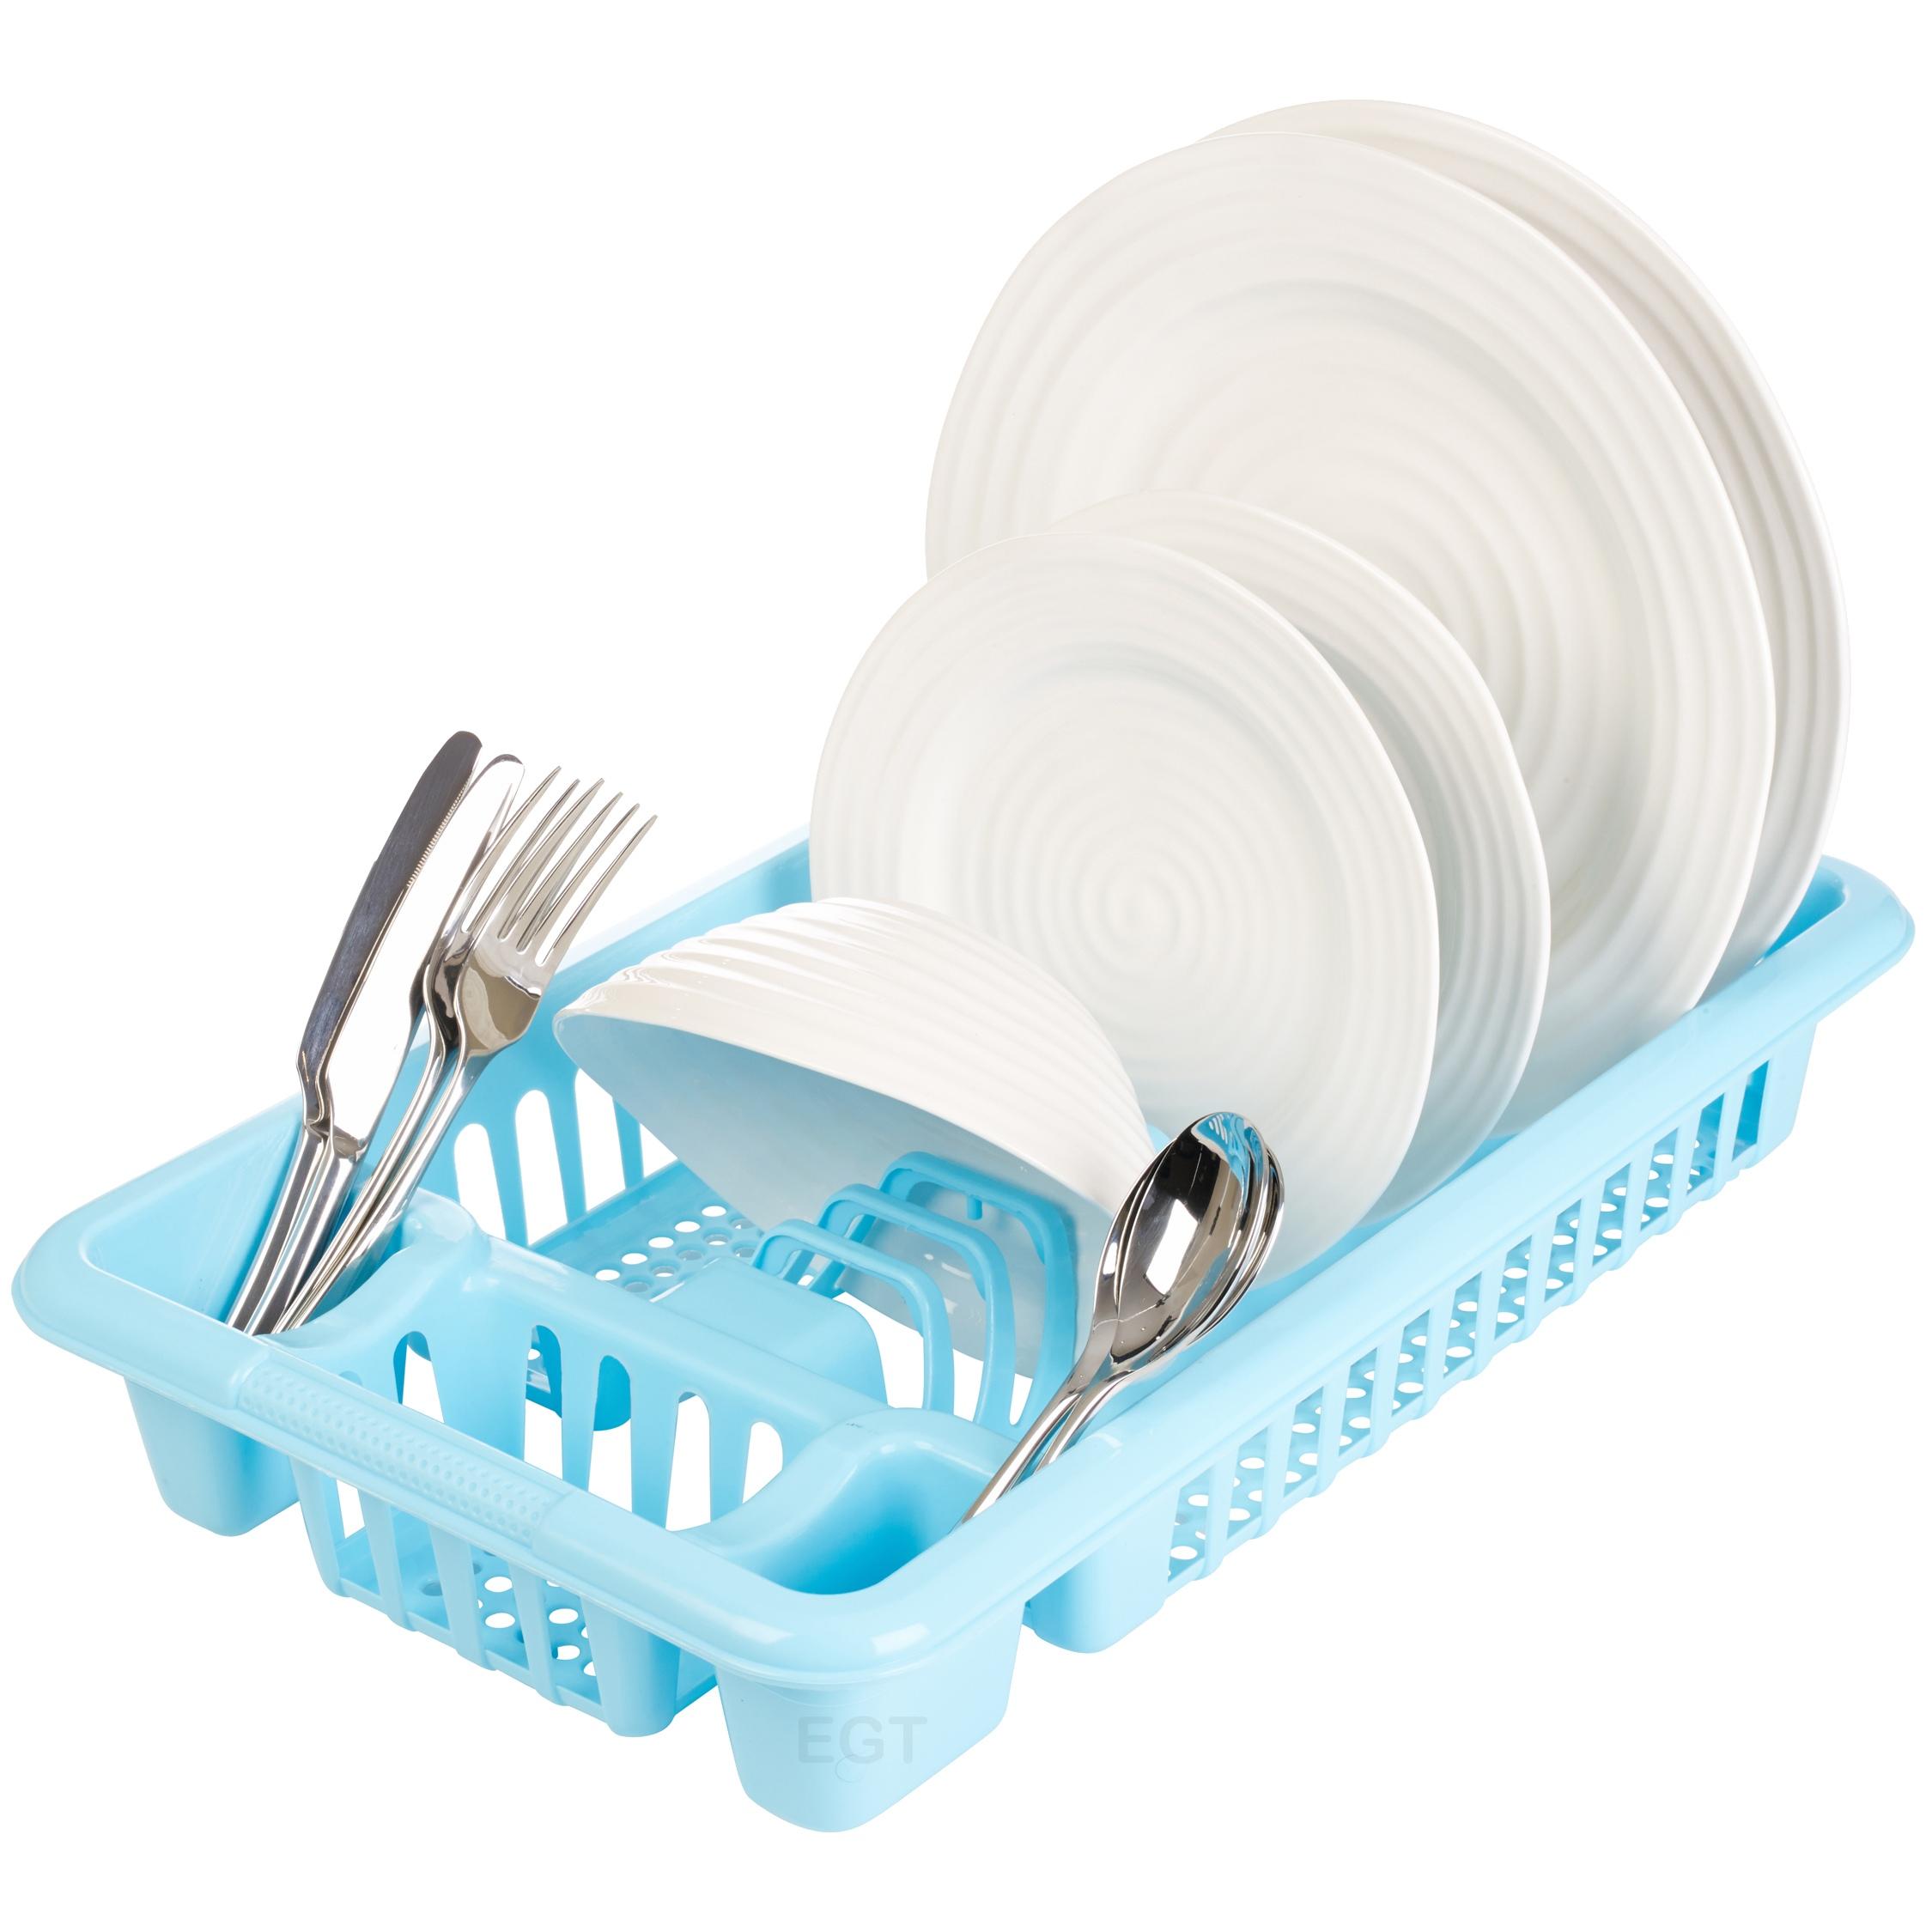 plastique assiette plat ustensile plateau vier cuisine gouttoir vaisselle ebay. Black Bedroom Furniture Sets. Home Design Ideas